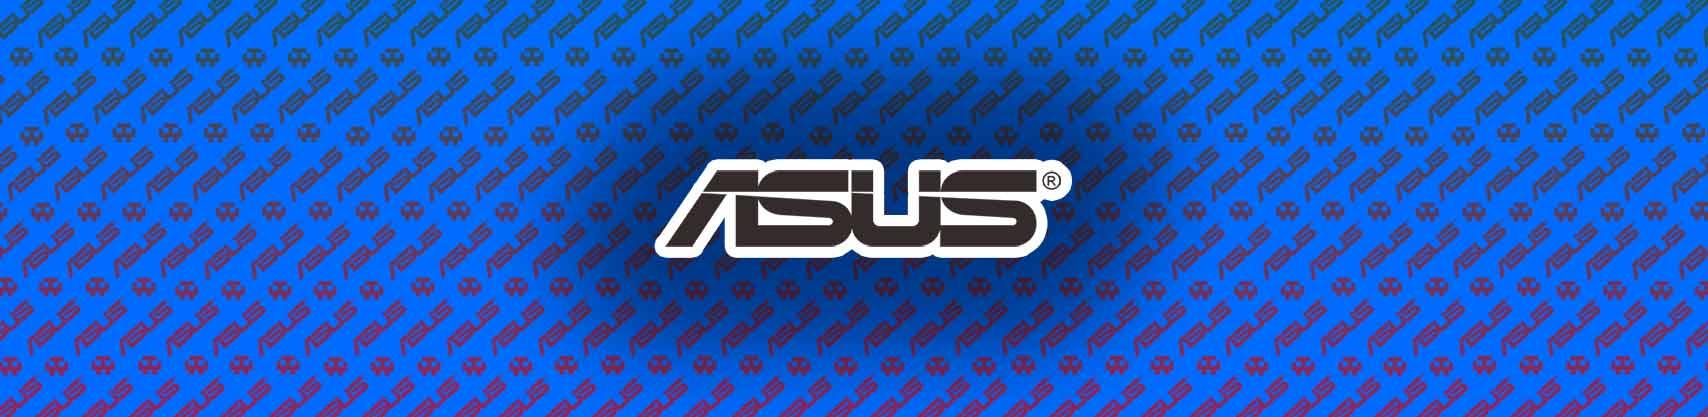 Asus P8Z68-V Pro Manual